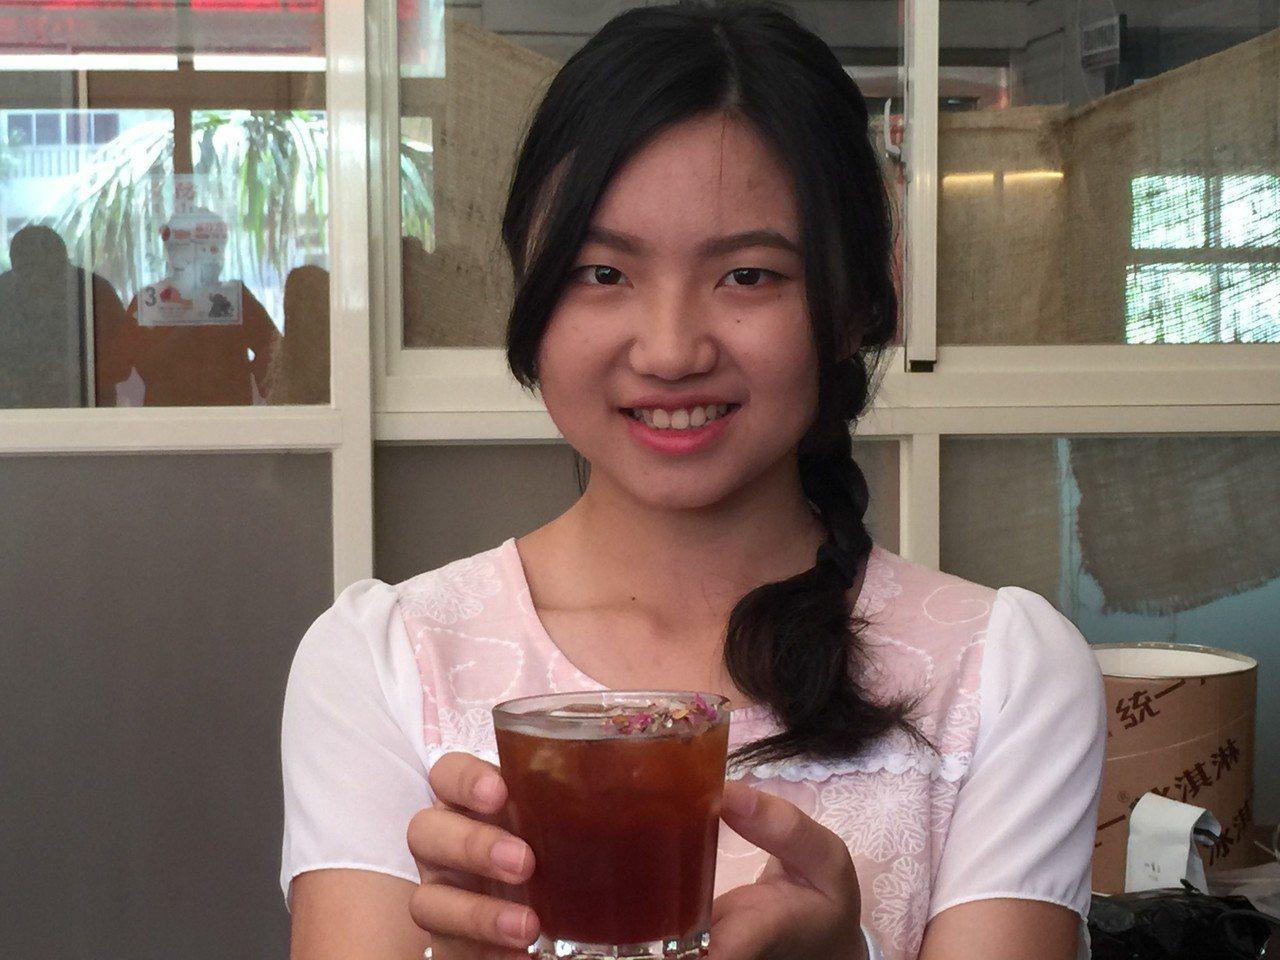 有著甜甜笑容的陳芳儒參加在廈門舉行的「咖啡女神沖煮賽」,勇奪咖啡女神及最佳形象獎...